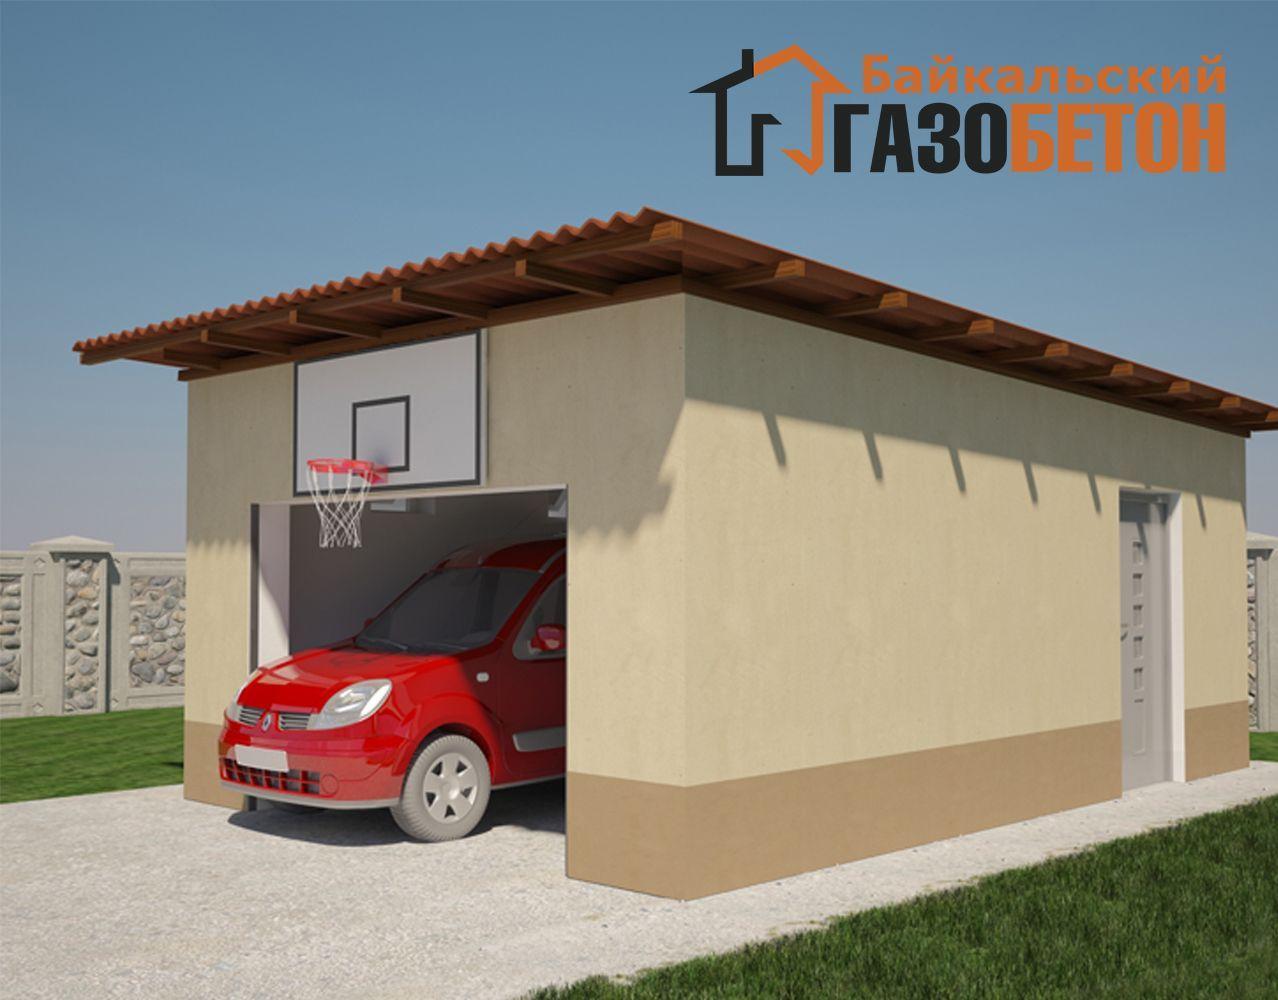 Как сделать гараж: технологии изготовления и советы как построить гараж своими руками (110 фото и видео)